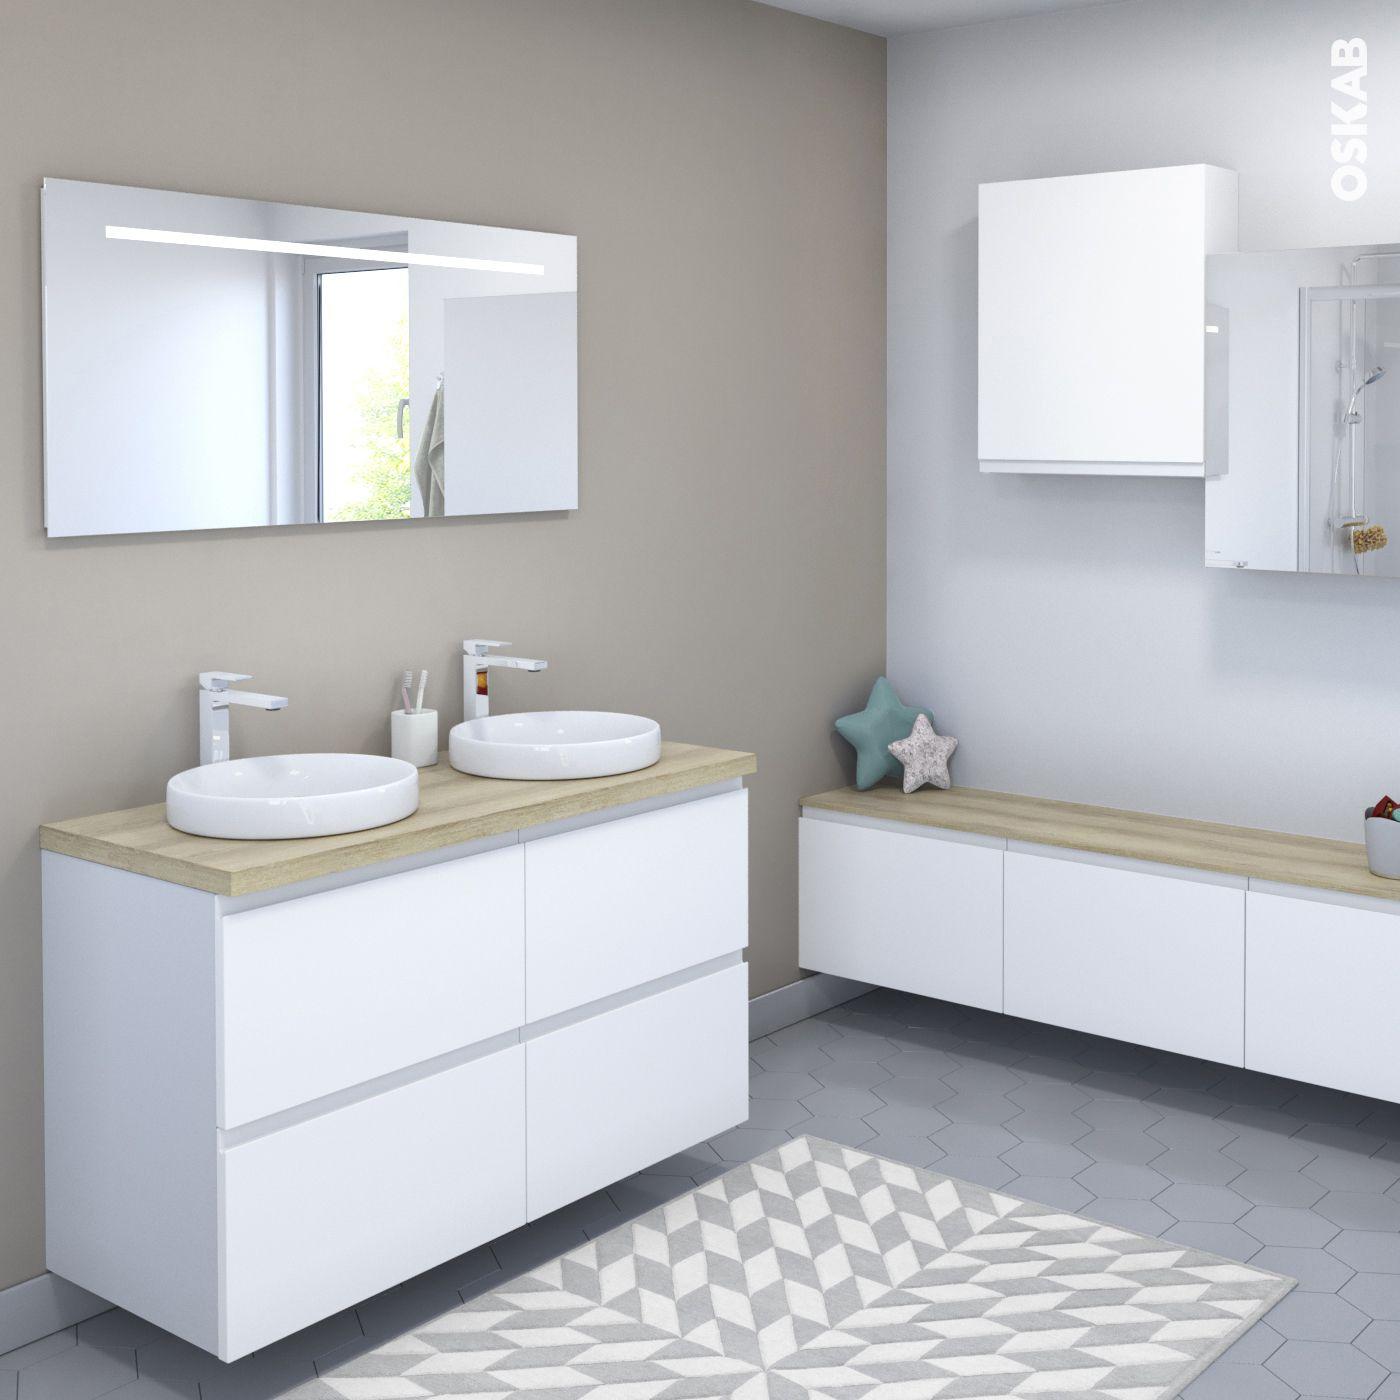 Ensemble Salle De Bains   Meuble IPOMA Blanc Mat   Plan De Toilette Hosta    Double Vasque   Miroir Lumineux   L120 X H70 X P50 Cm